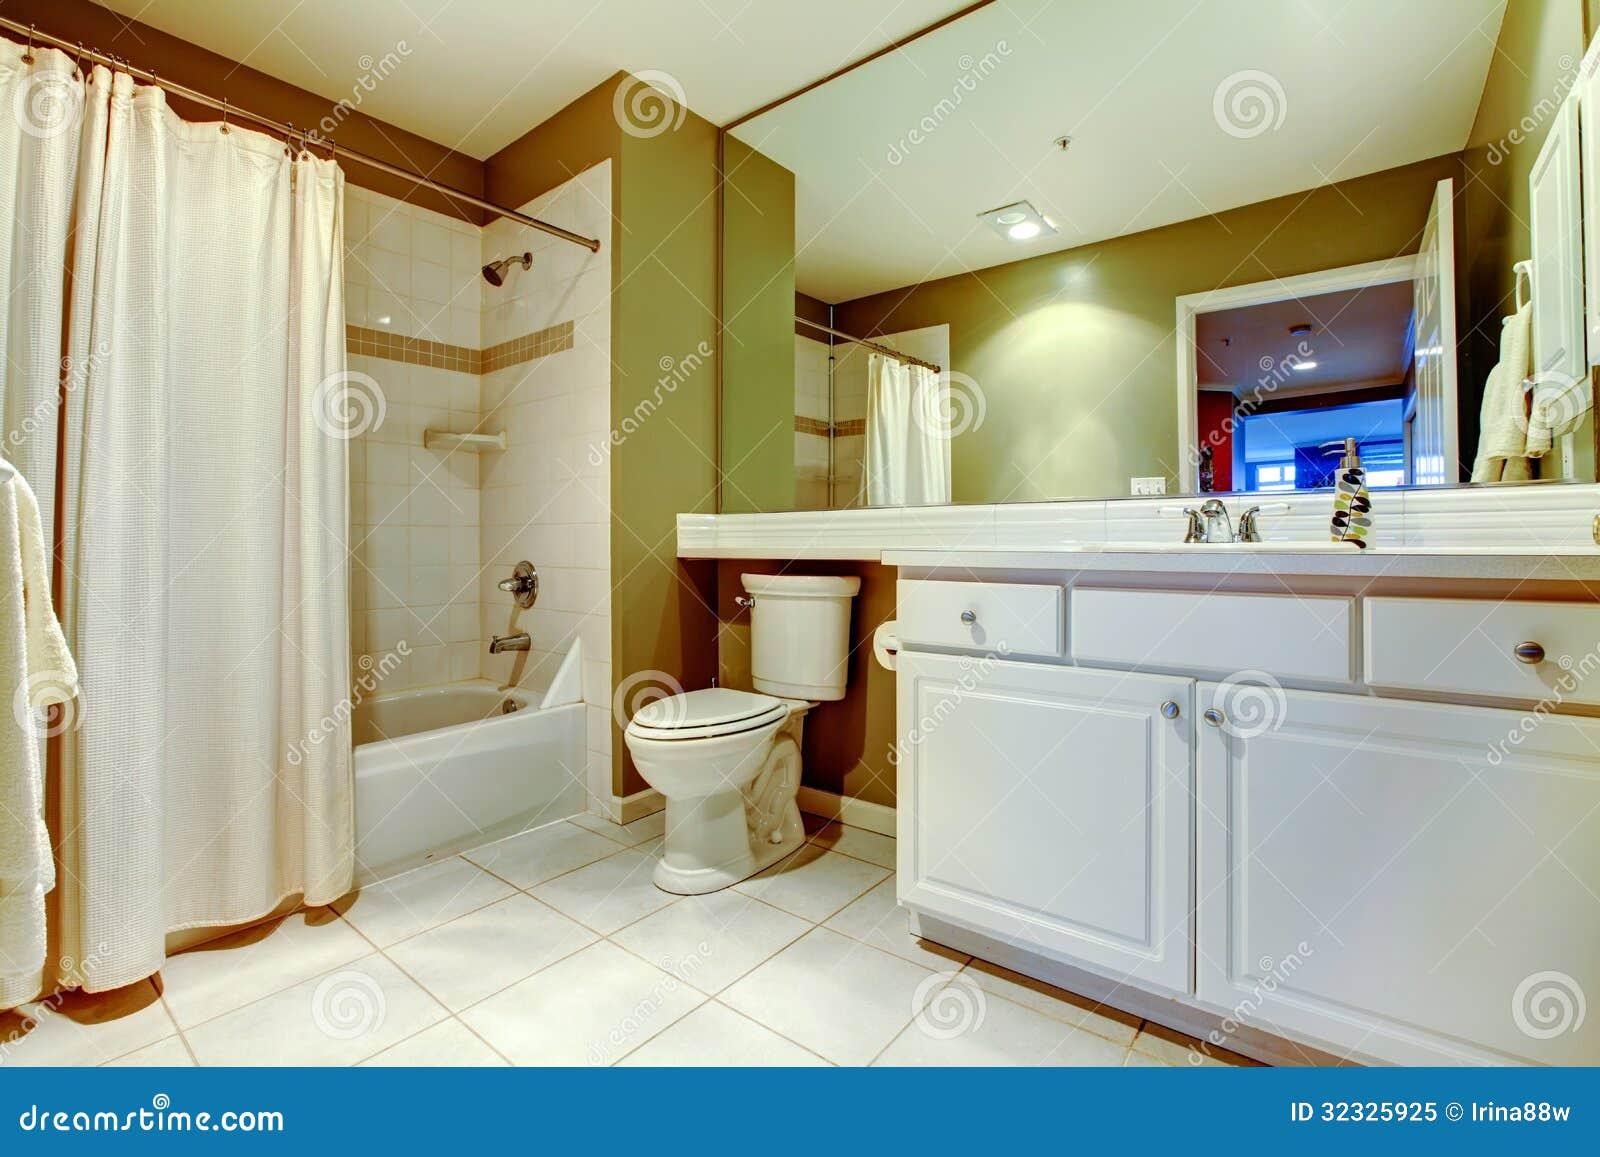 Grünes Und Weißes Badezimmer Mit Wanne Und Wanne Mit Vorhang ...